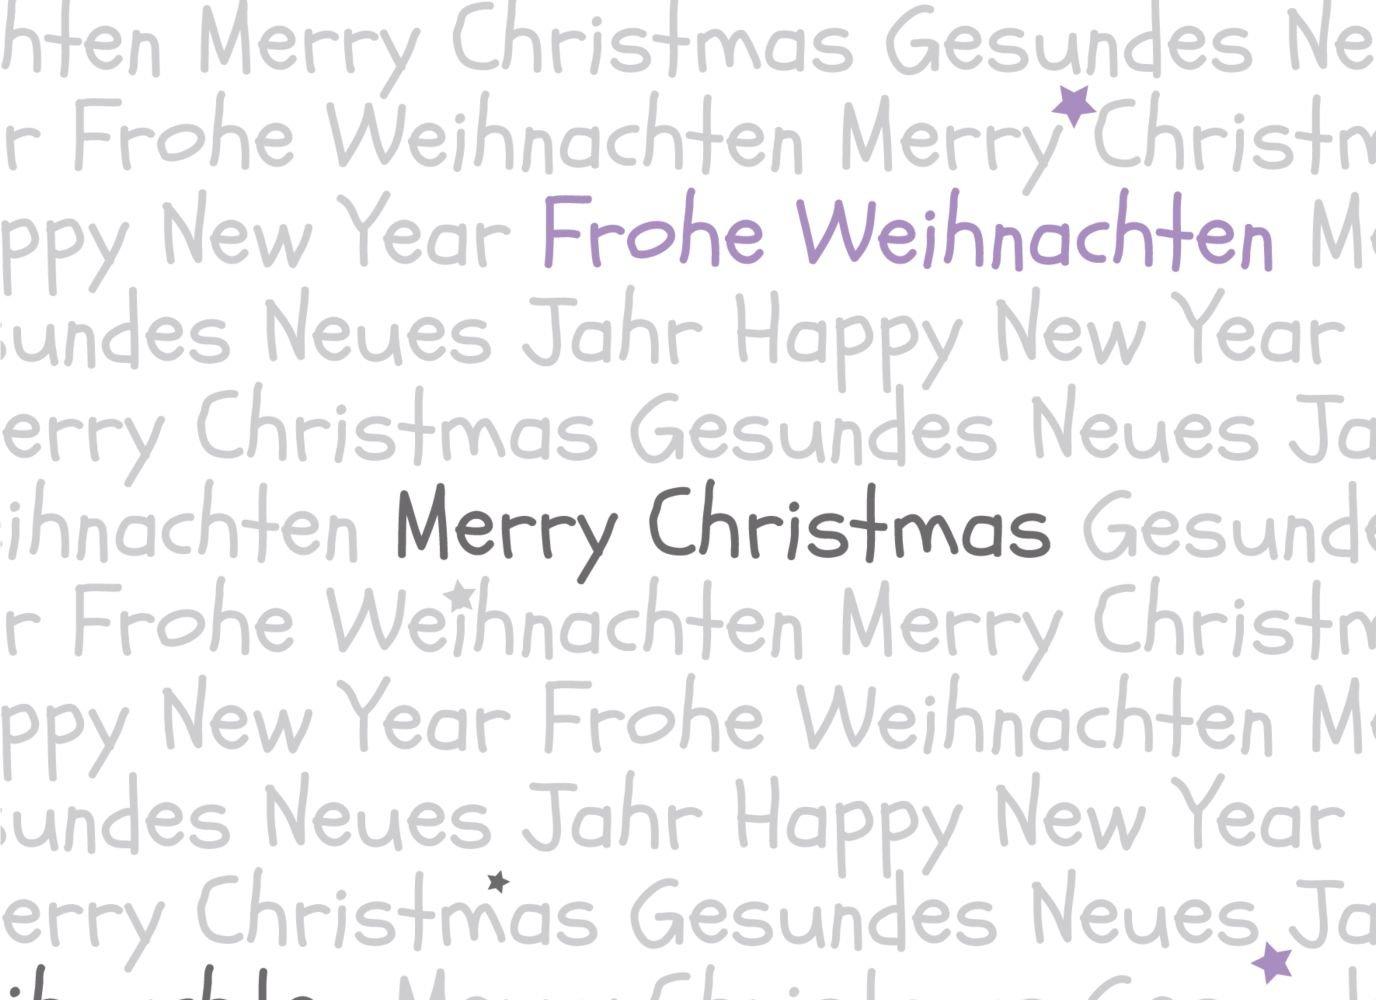 Kartenparadies Grußkarte Weihnachten Grußkarte Grußkarte Grußkarte Schrift, hochwertige Weihnachtsgrüße als Weihnachtskarte (Format  148x105 mm) Farbe  HellBlau B01MT8J84L   Angemessene Lieferung und pünktliche Lieferung    Good Design    Elegant und 7476d7